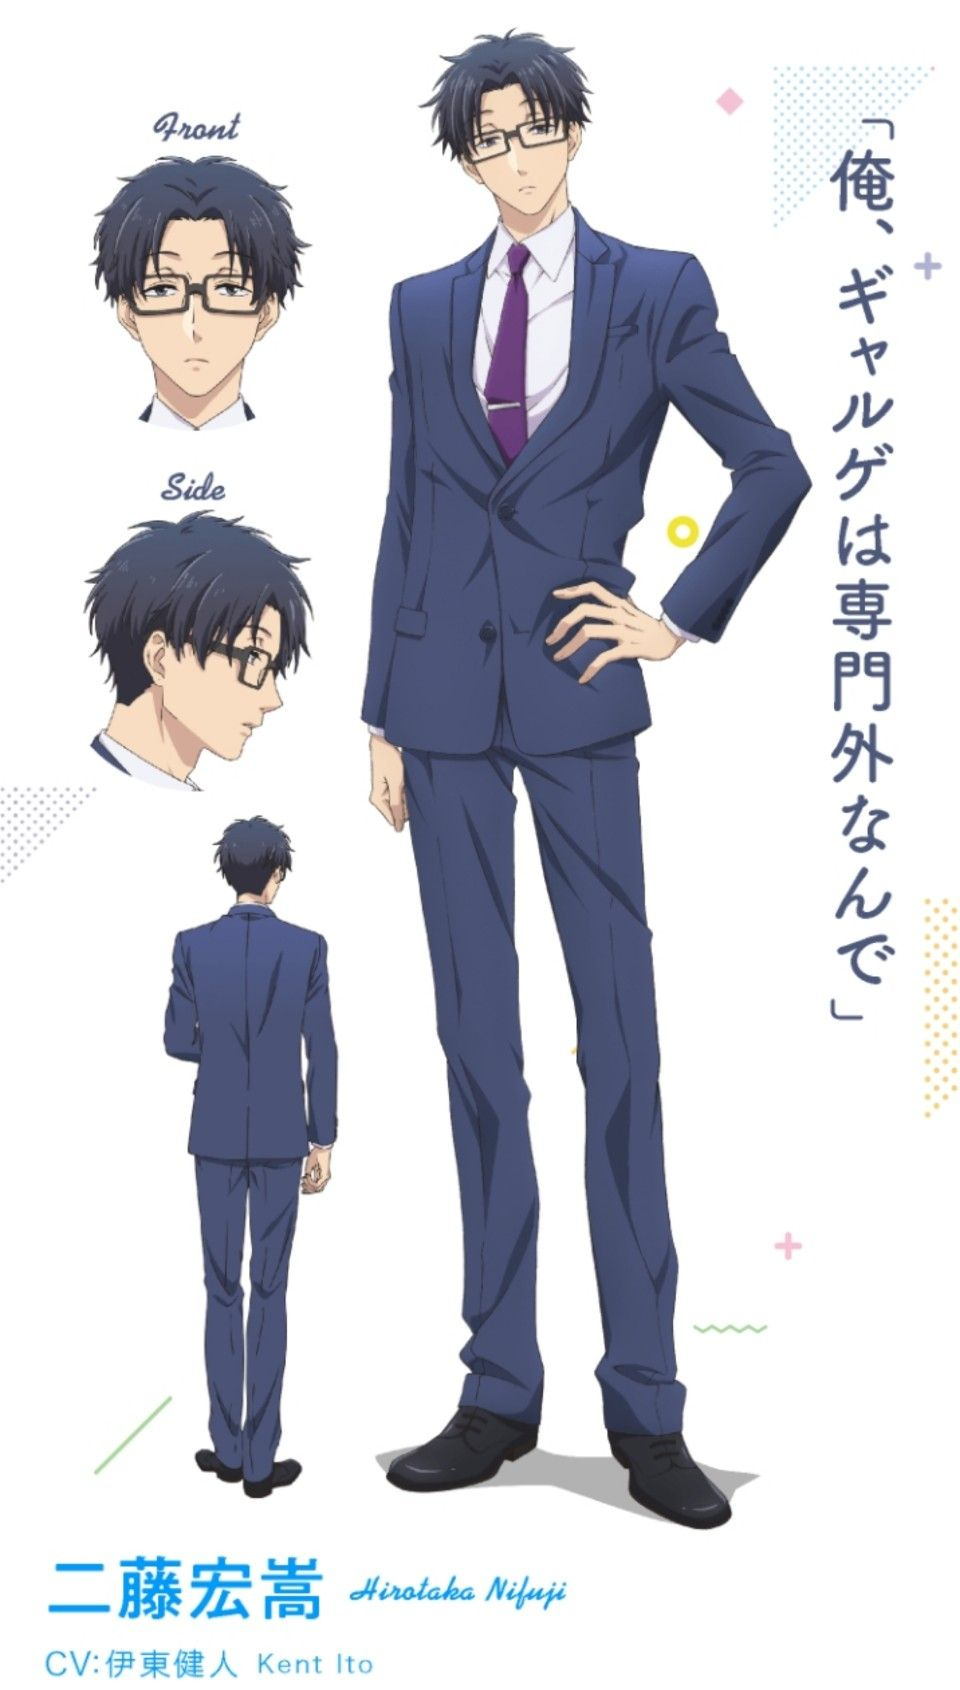 Character View : 二 藤 宏 嵩 (Nifuji Hirotaka)